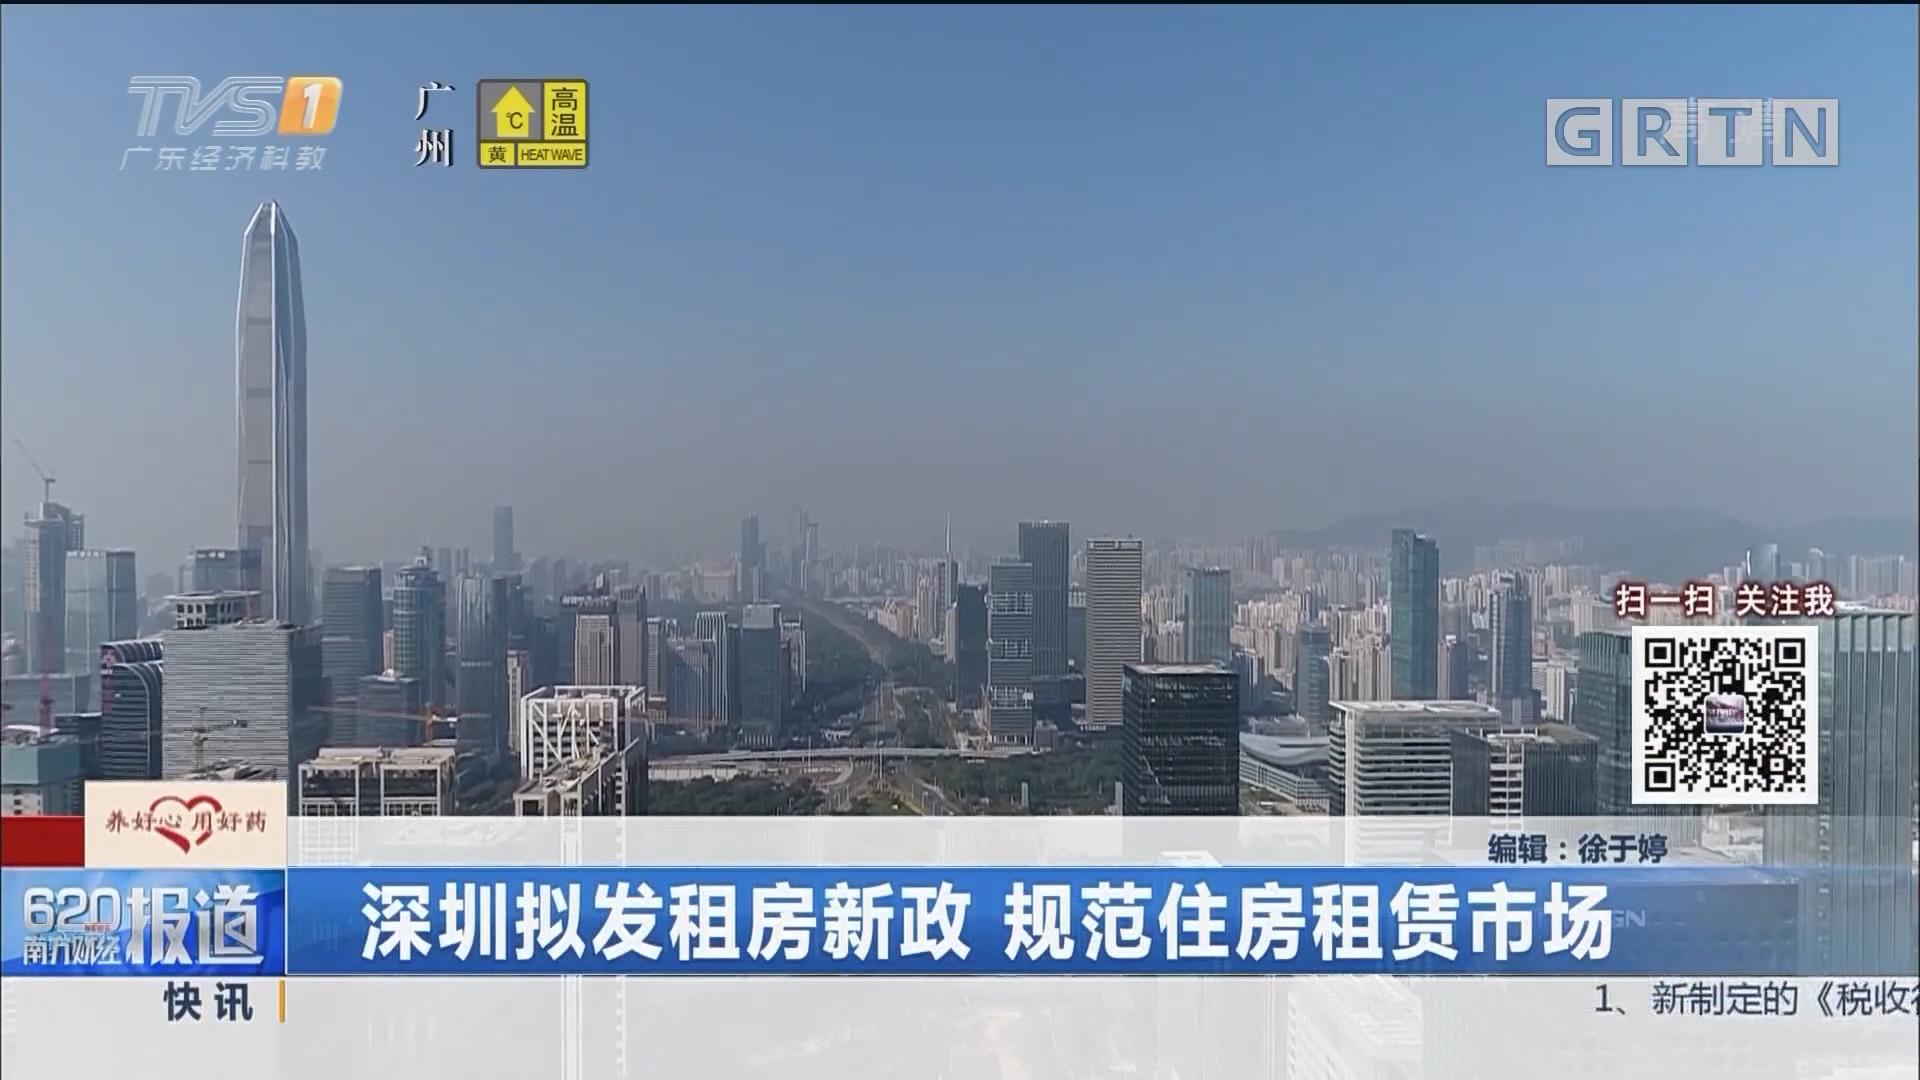 深圳擬發租房新政 規范住房租賃市場